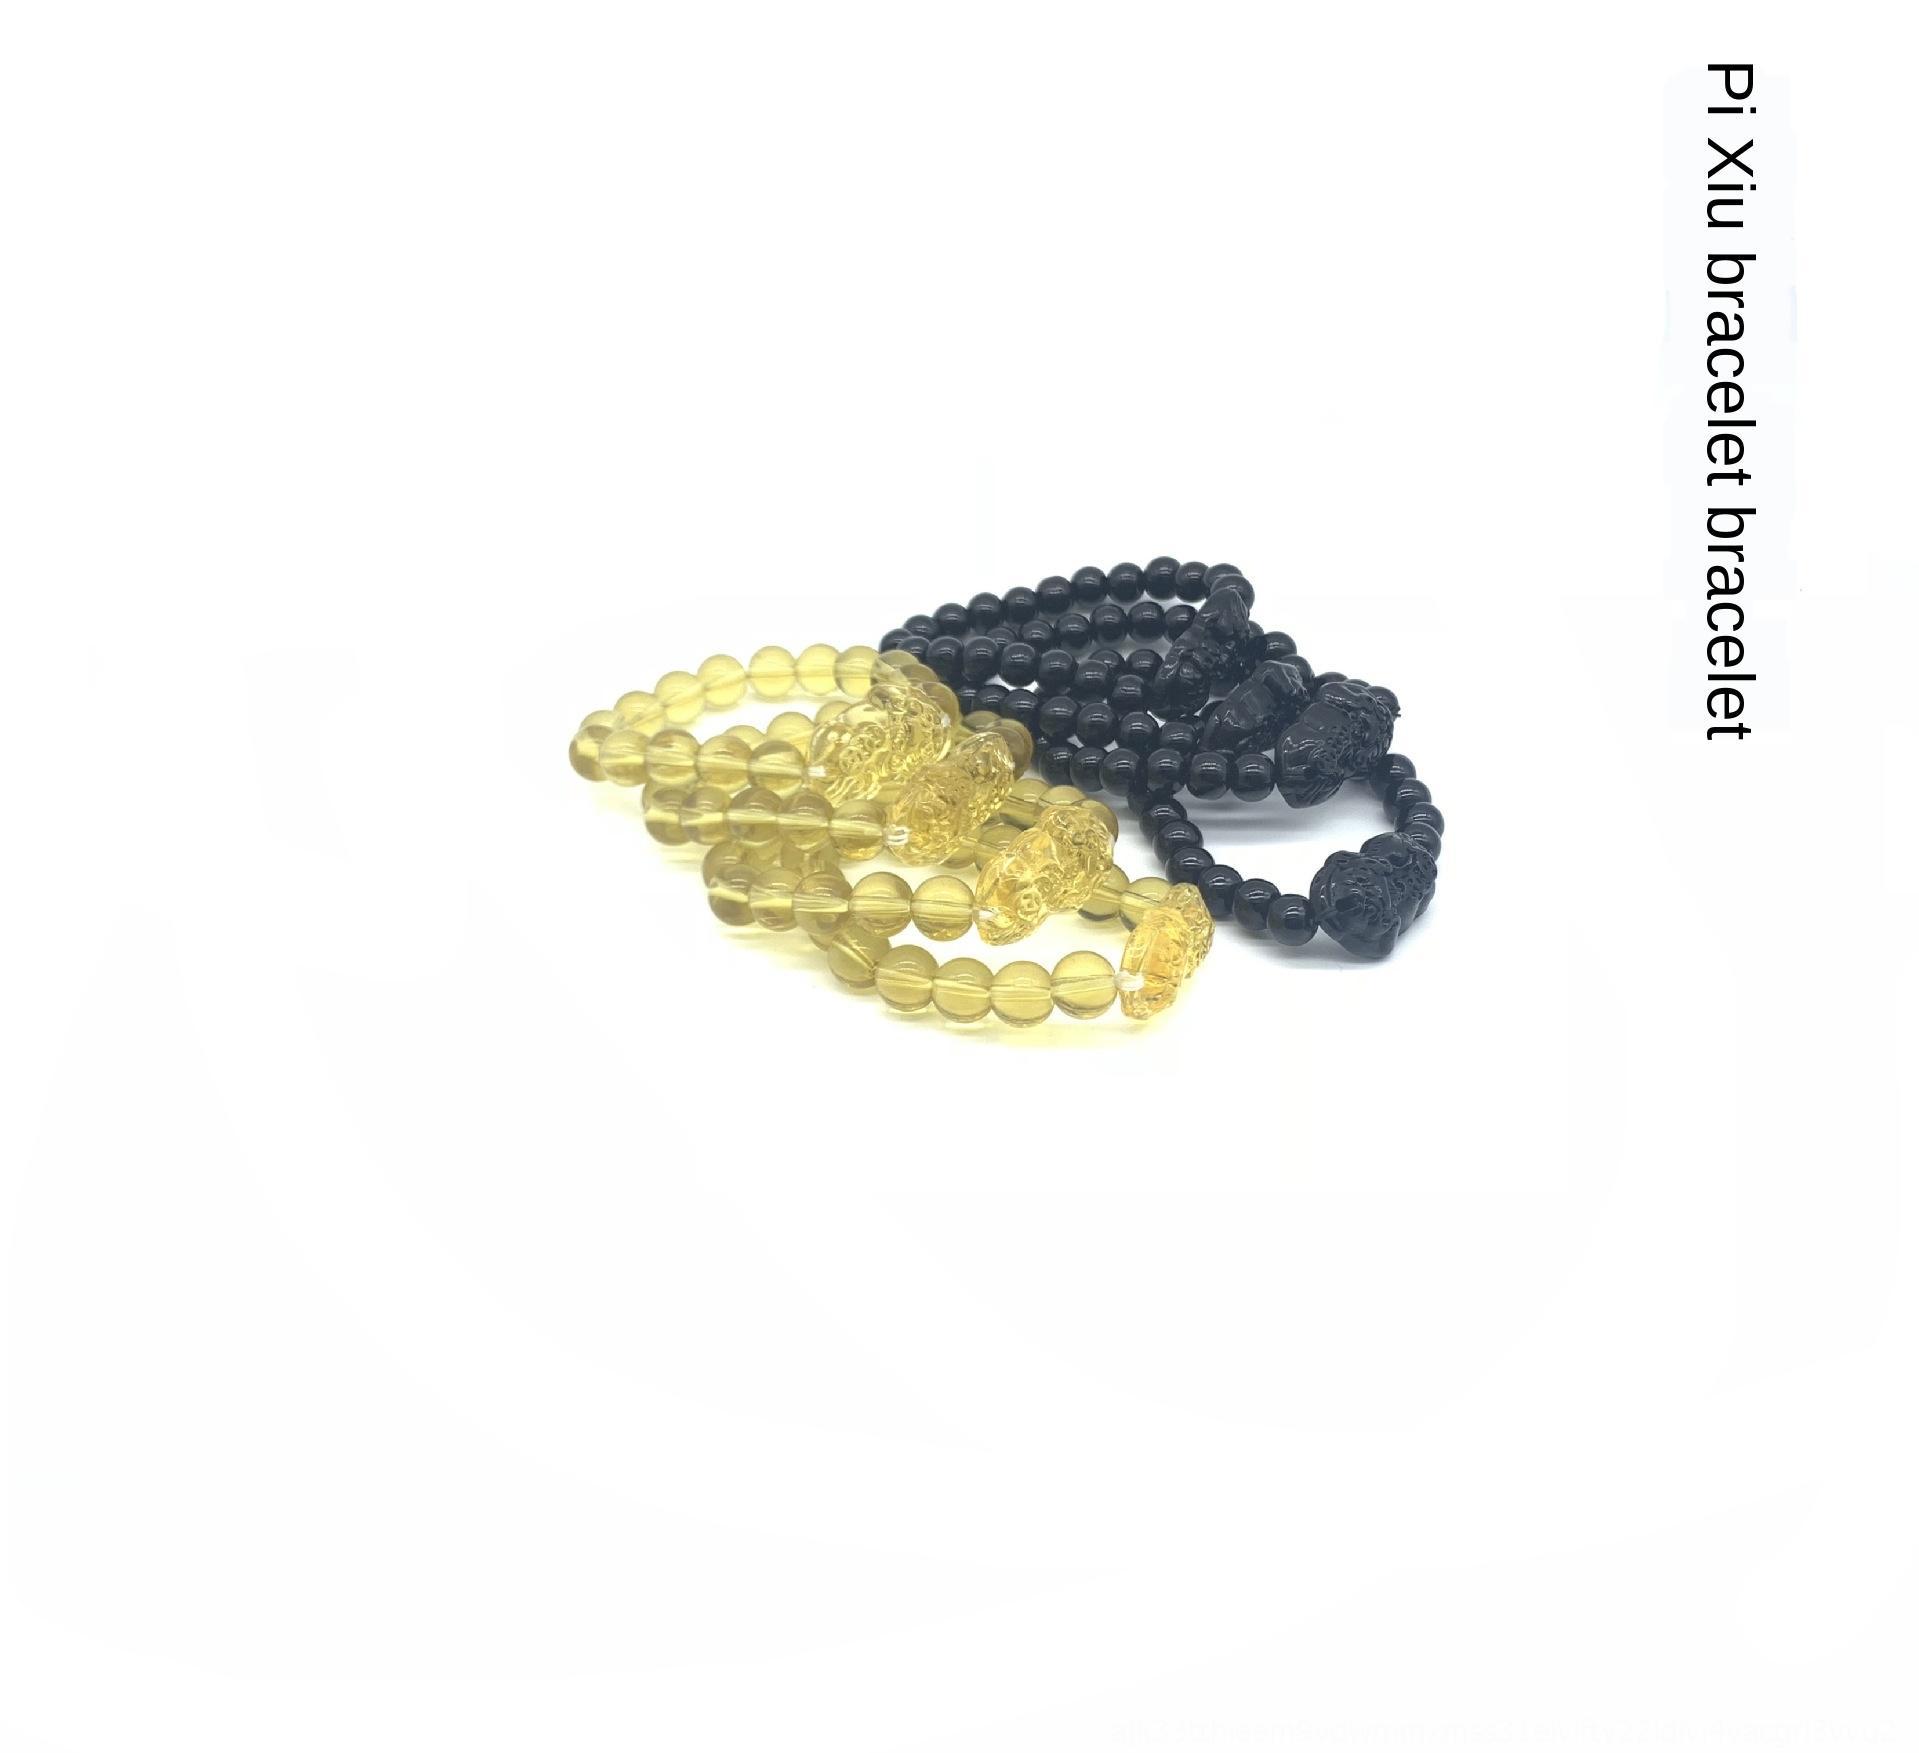 Anti-granato champagne scarafaggio braccialetto granato gioielli in pietra agata cerimonia di apertura in pietra agata come regalo regalo ivoJx